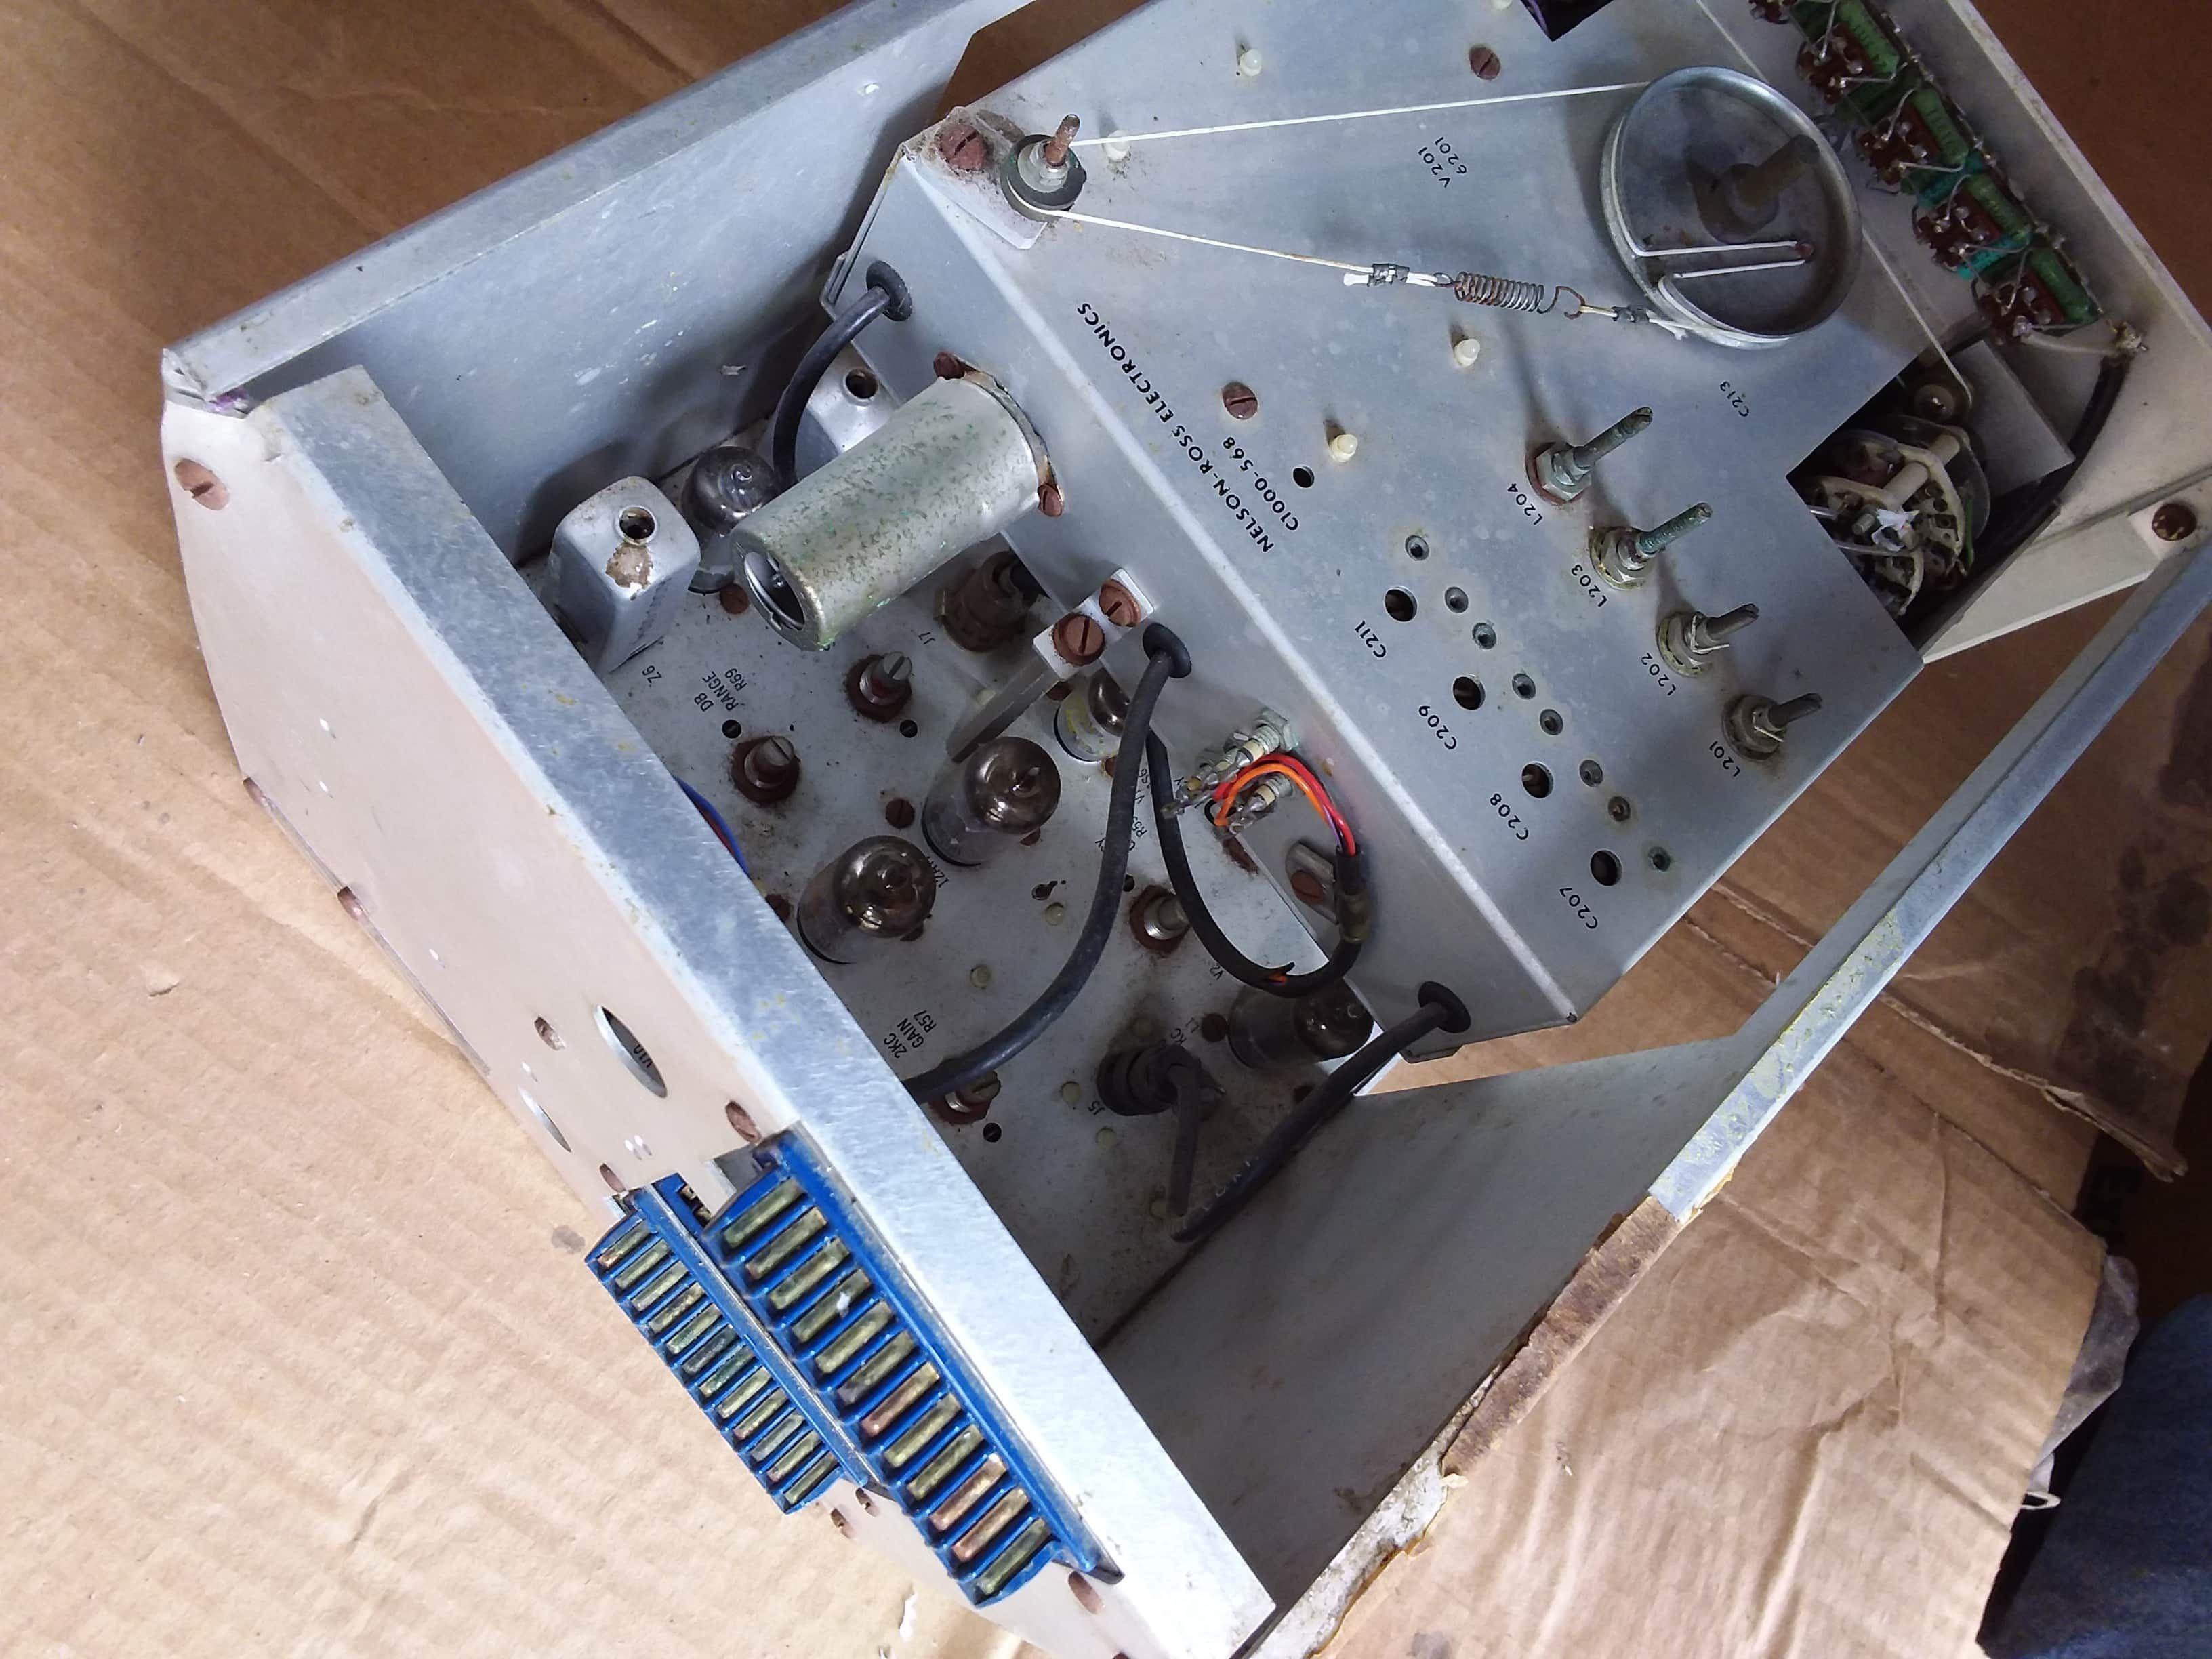 Nelson Ross psa 032 psa 231 spectrum Analyzer Plug In